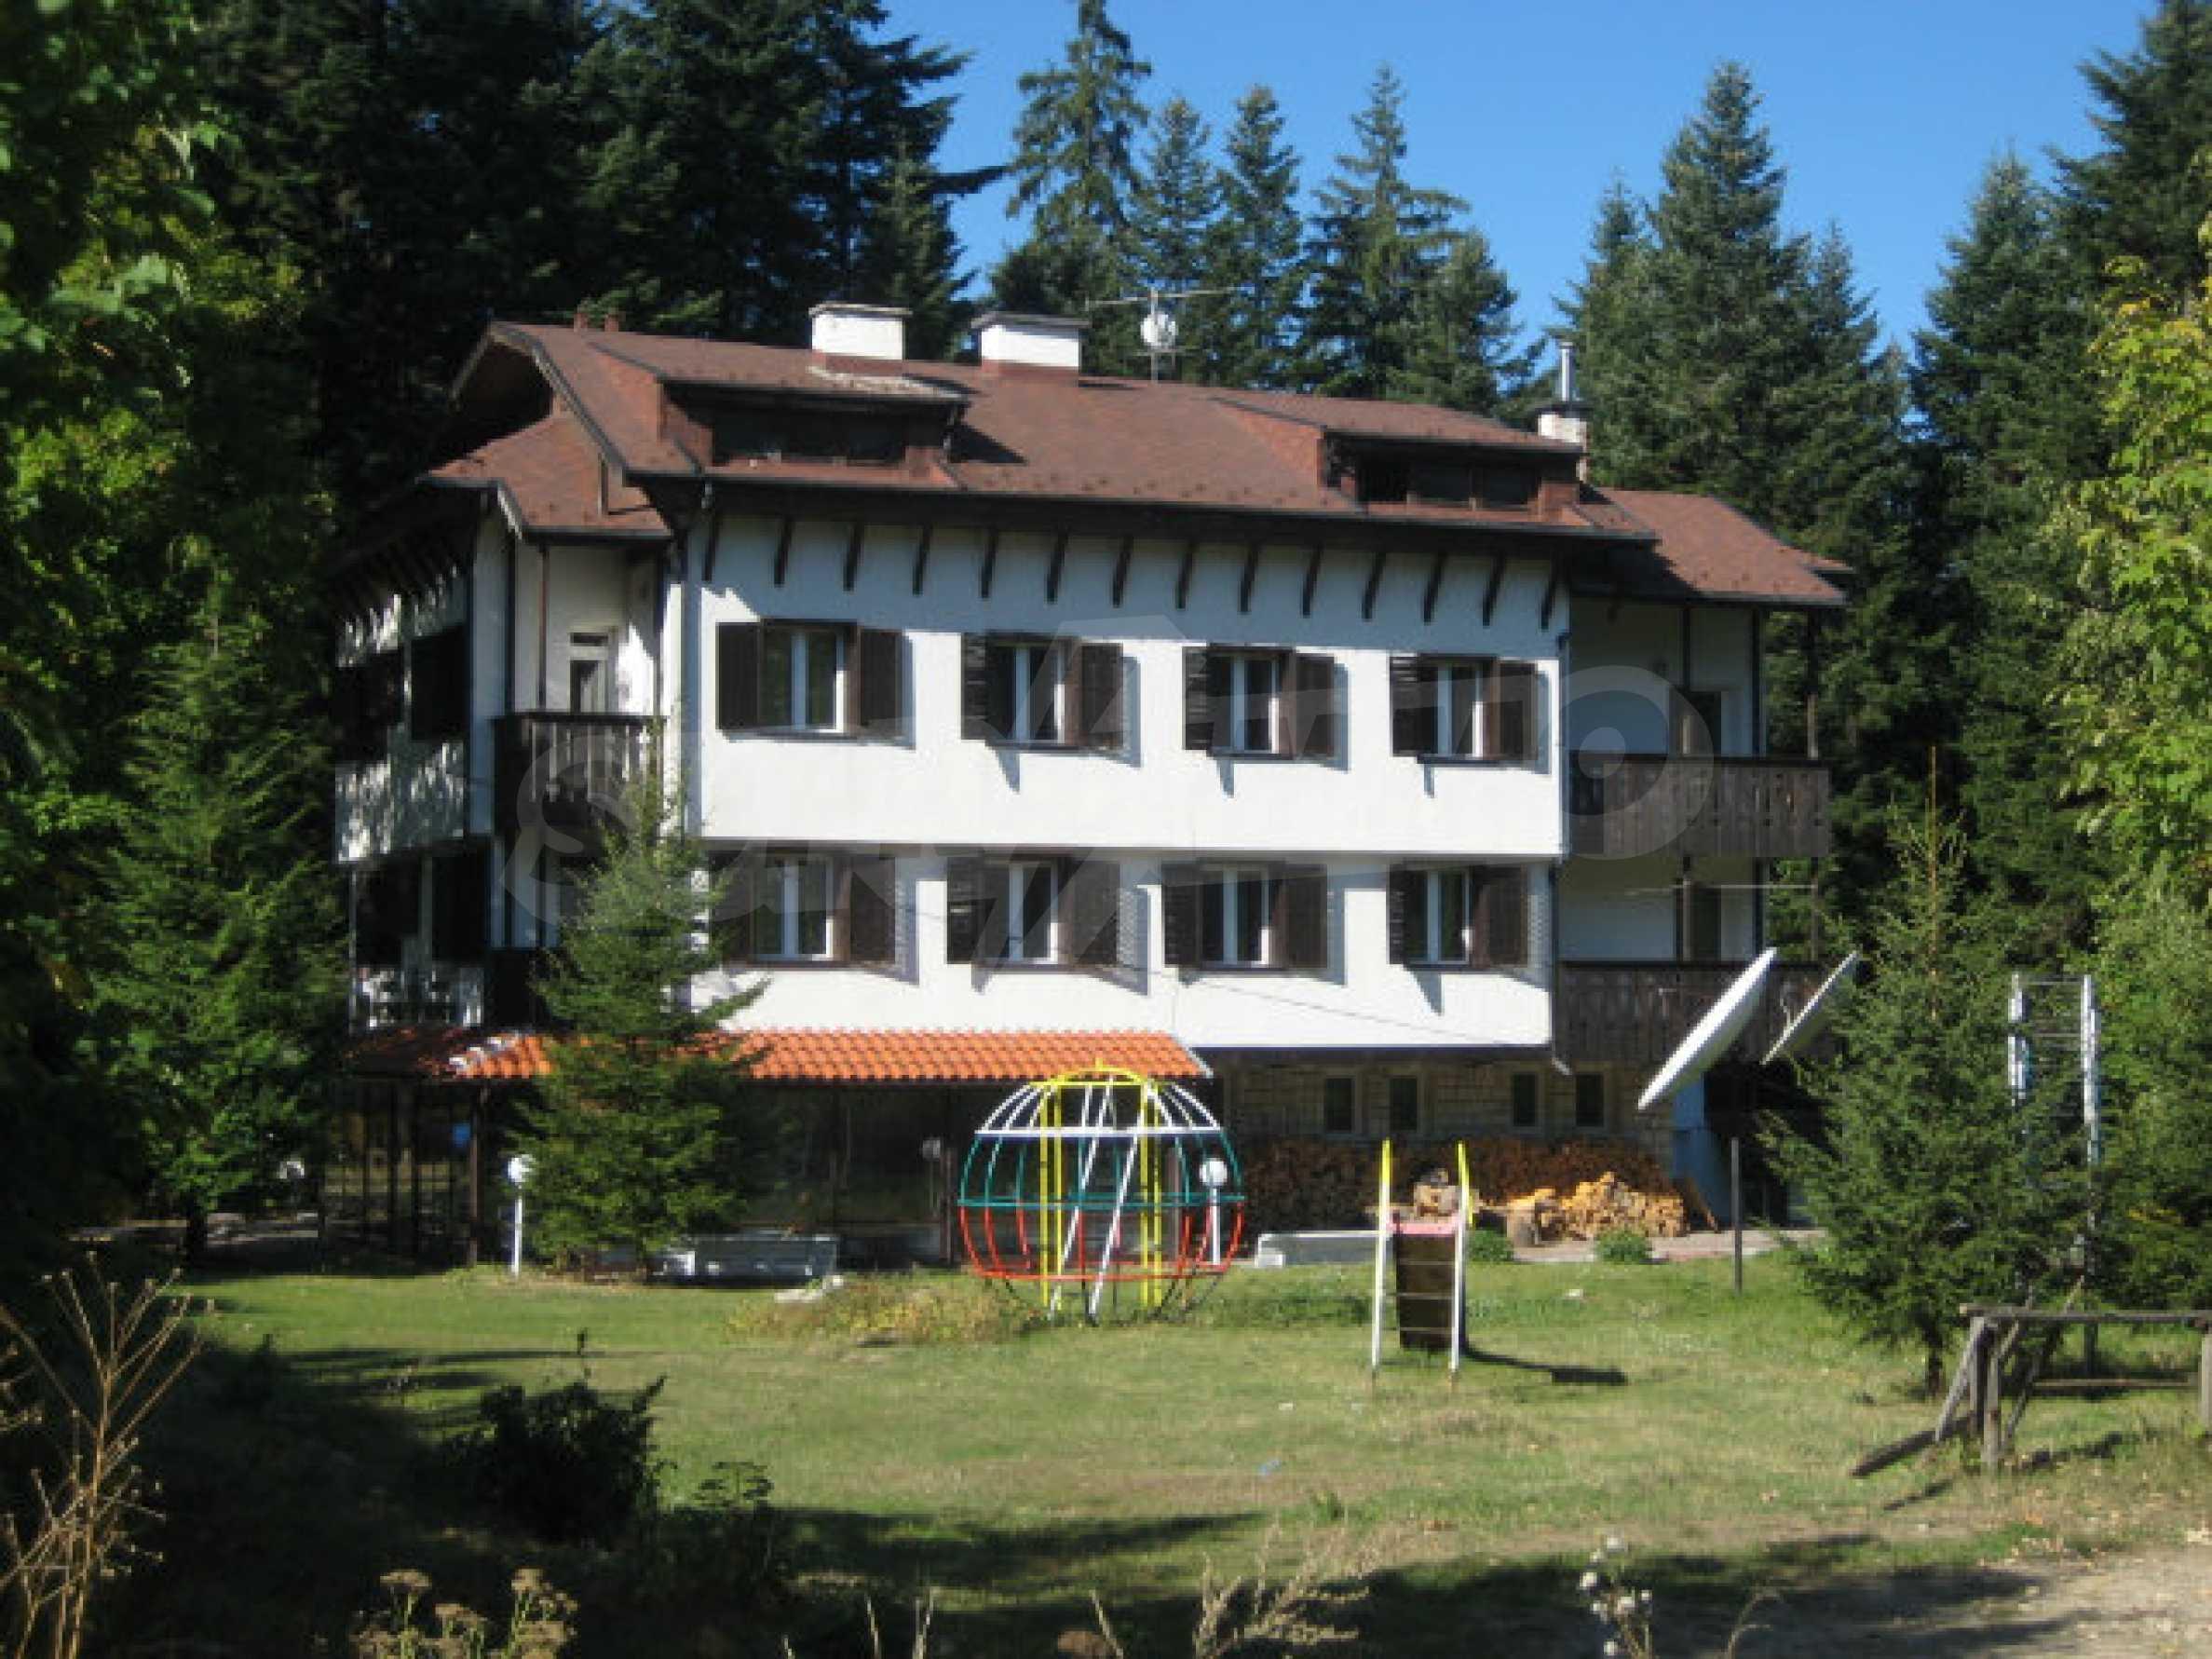 Апартаменти в алпийски стил само на 400 м от лифта в Боровец 1